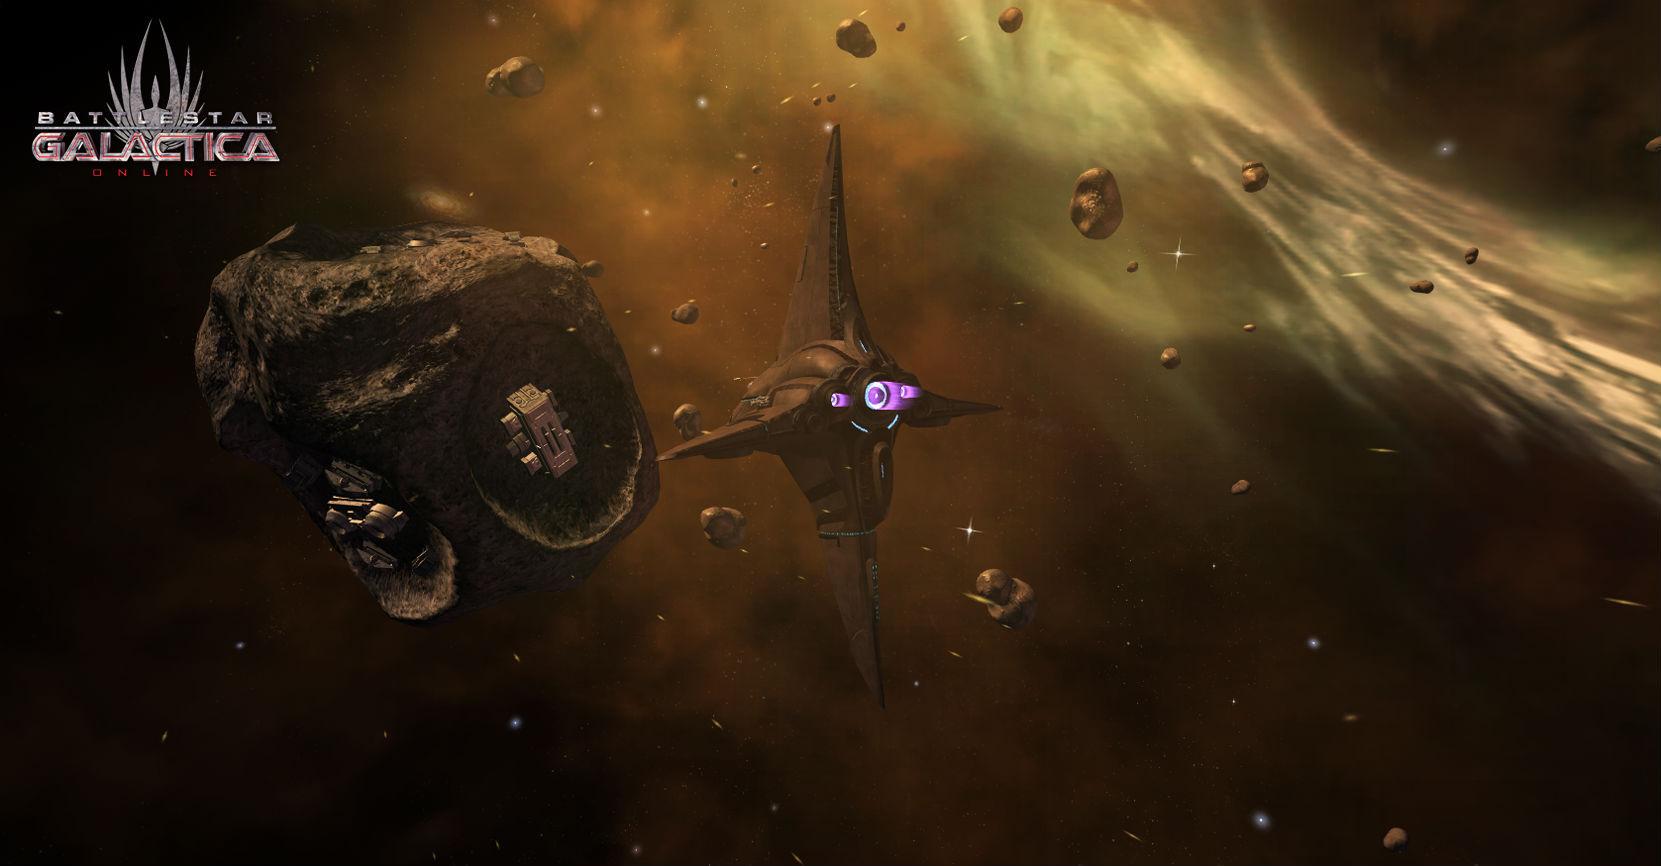 Battlestar Galactica - ships in space